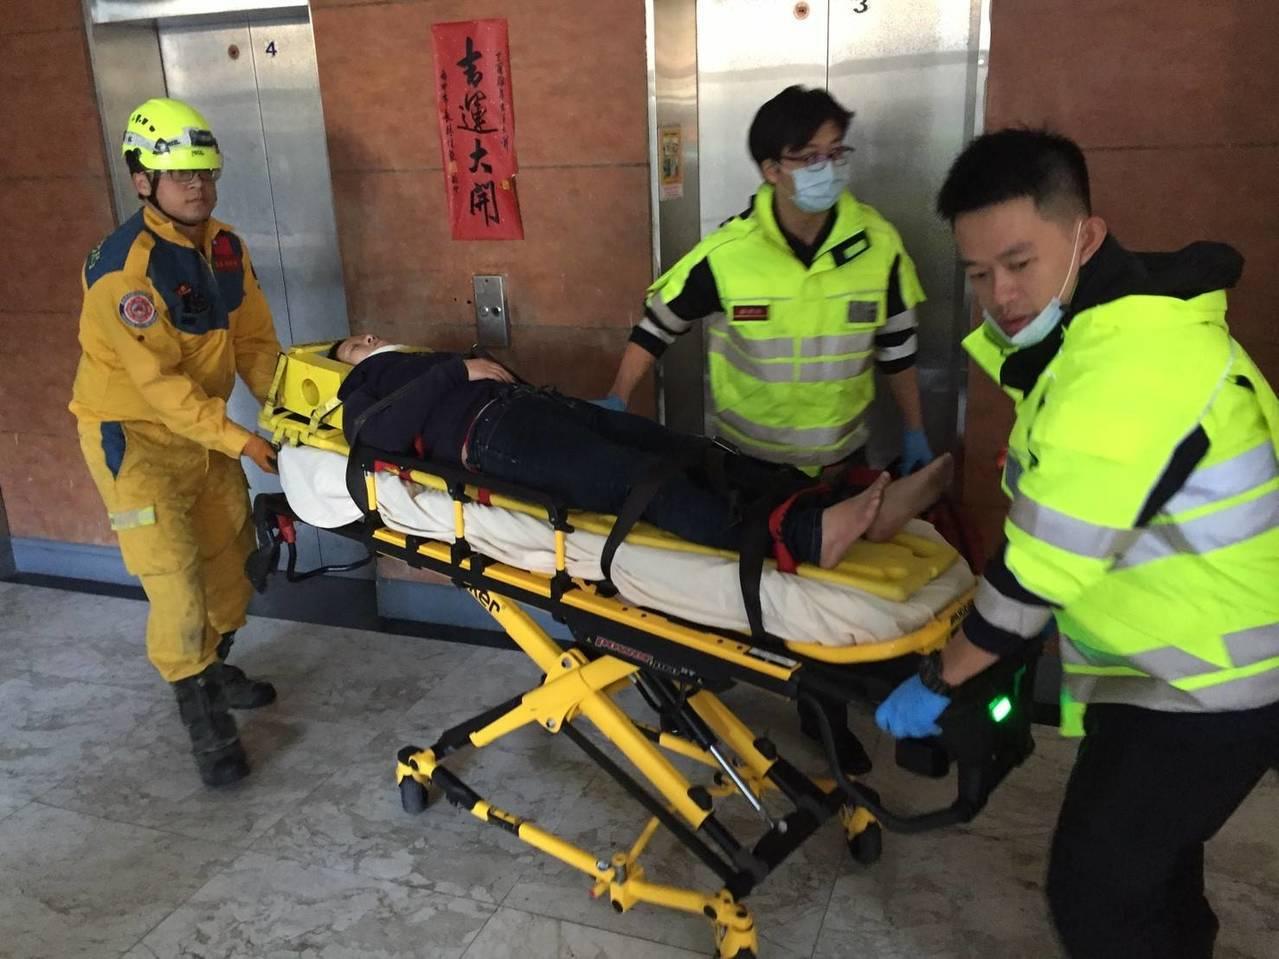 台中市北區謝姓女子今天中午與男友吵架後跳樓,卡在3樓鐵皮屋雨遮,她被警消送往中國...